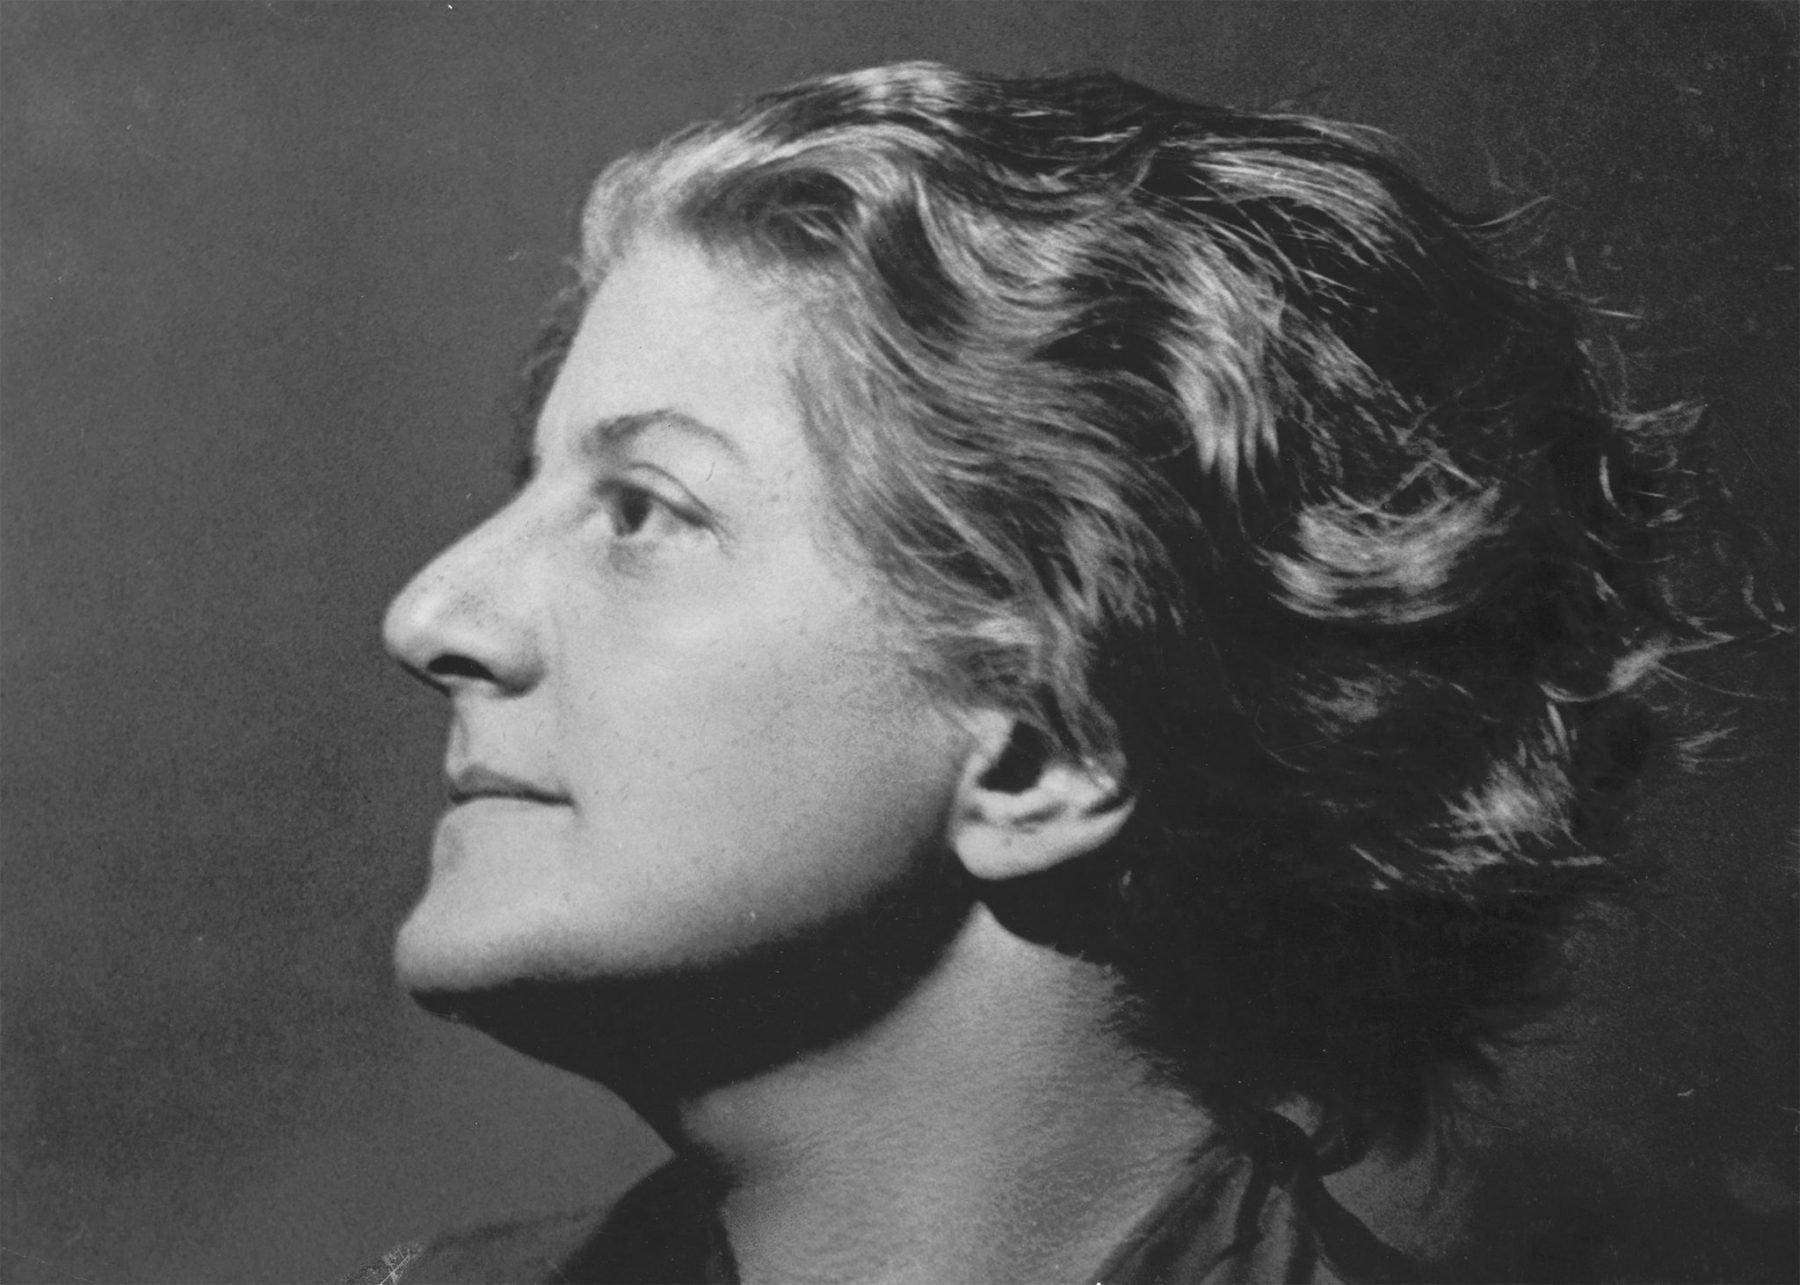 Die Abbildung zeigt ein Selbstporträt der Fotografin Gerty Simon. Ihr Kopf ist im Profil geneigt und wird durch eine von links kommende Lichtquelle angestrahlt. Ihr kurzes Haar liegt ihr in voluminösen Wellen am Kopf.